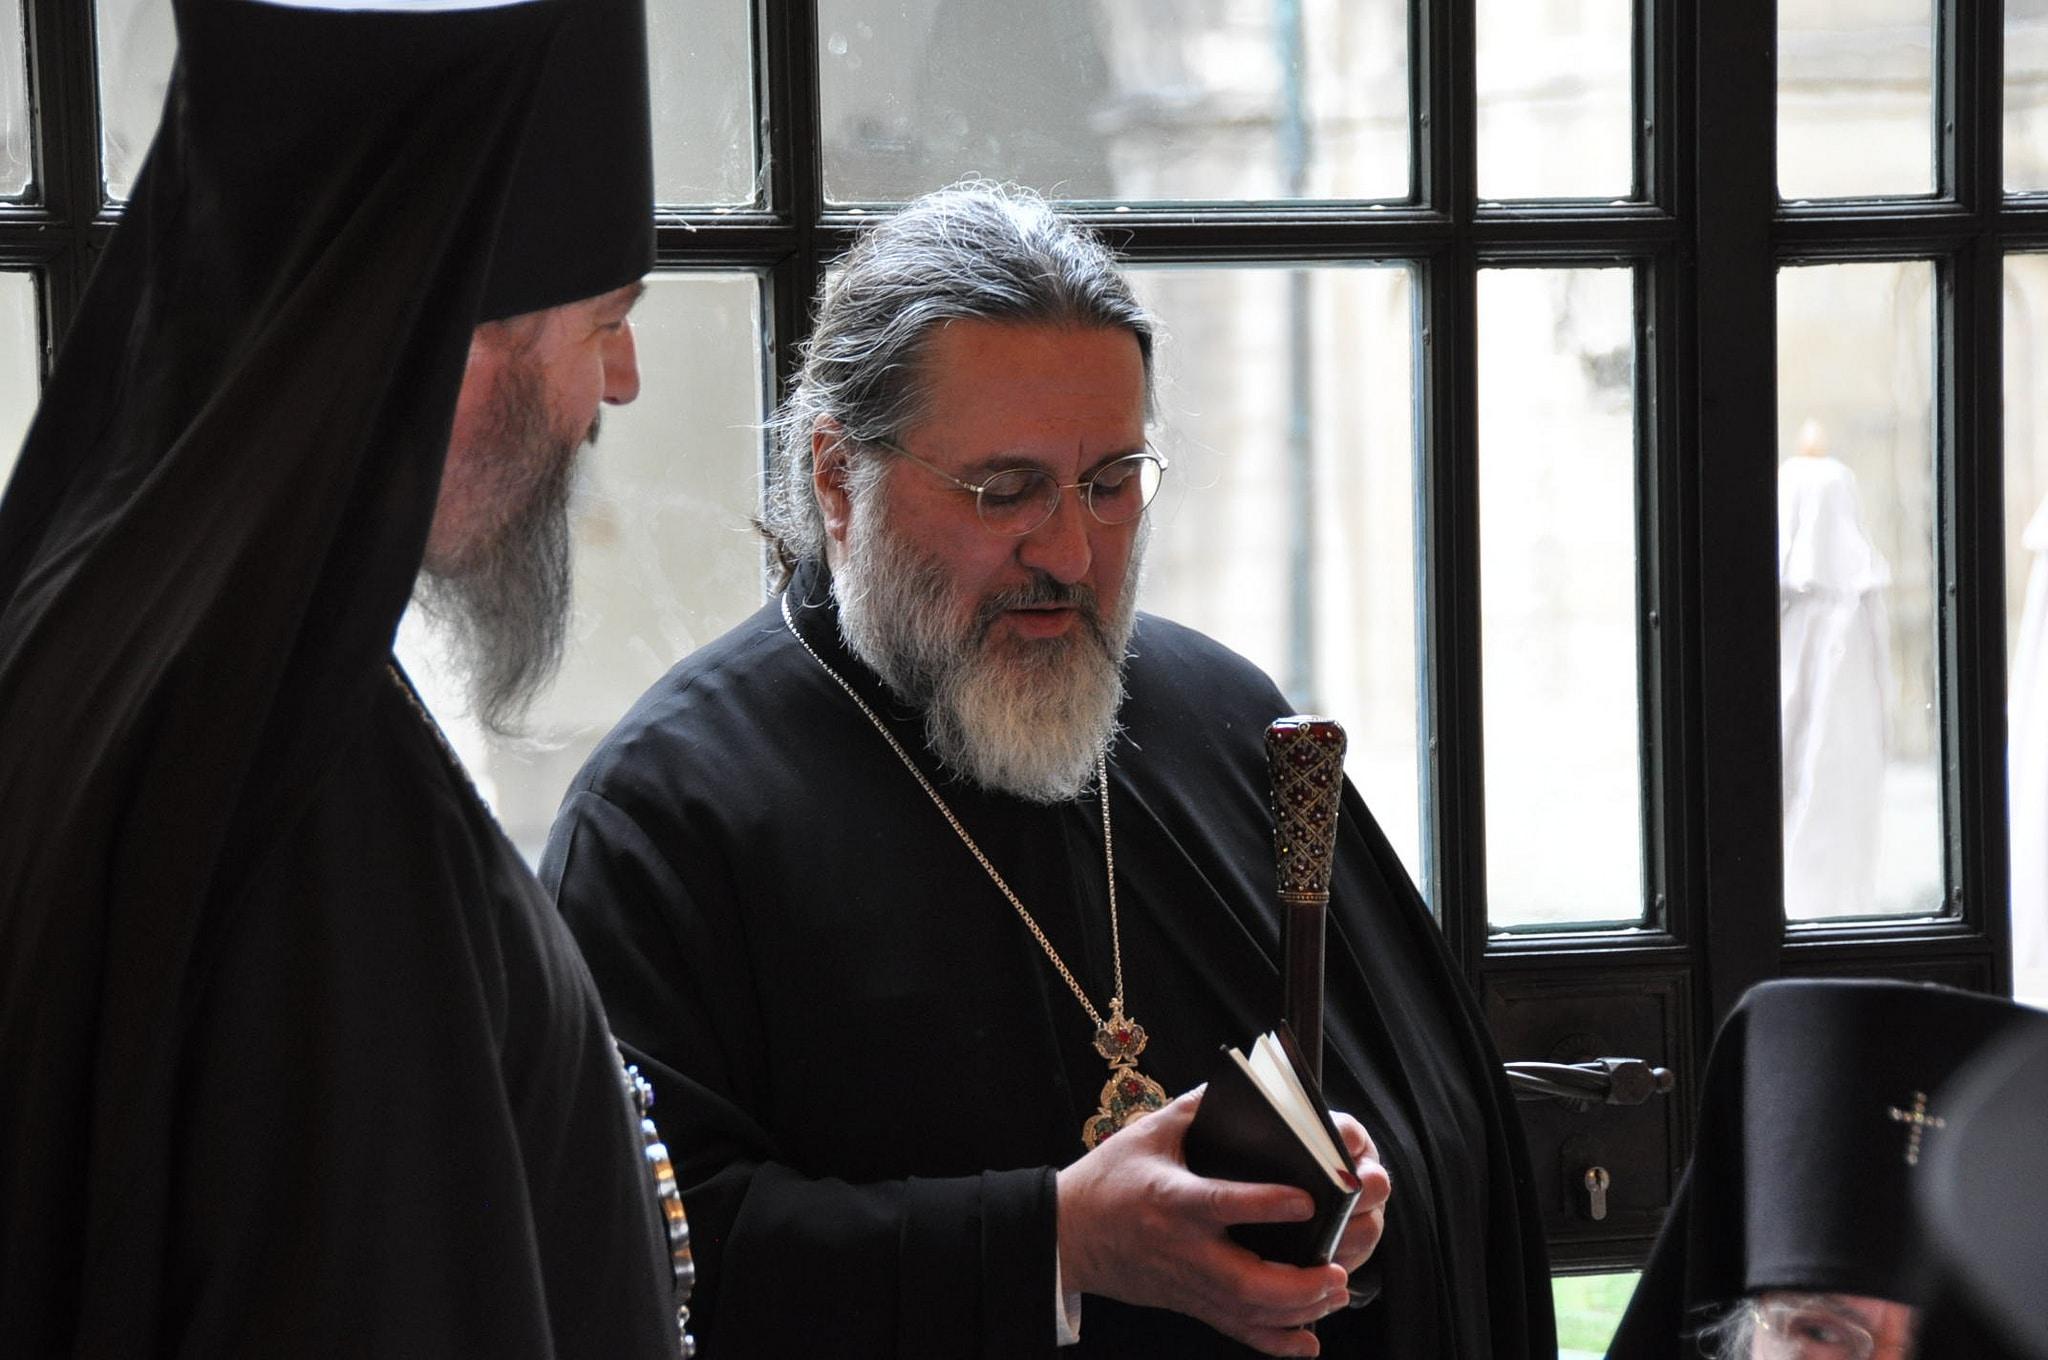 Mgr Alexandre pendant le repas festif qui a suivi les cérémonies du dimanche 20 janvier 2019 (© 2019 Alex Romash).